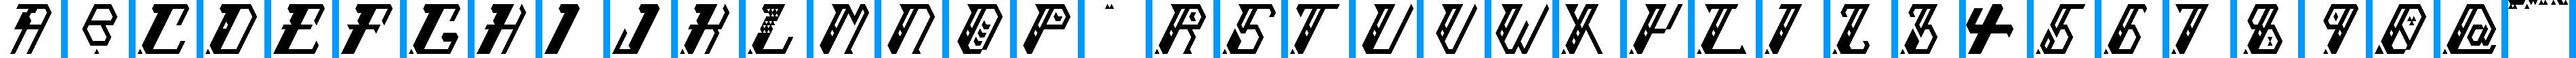 Particip-a-type v.301